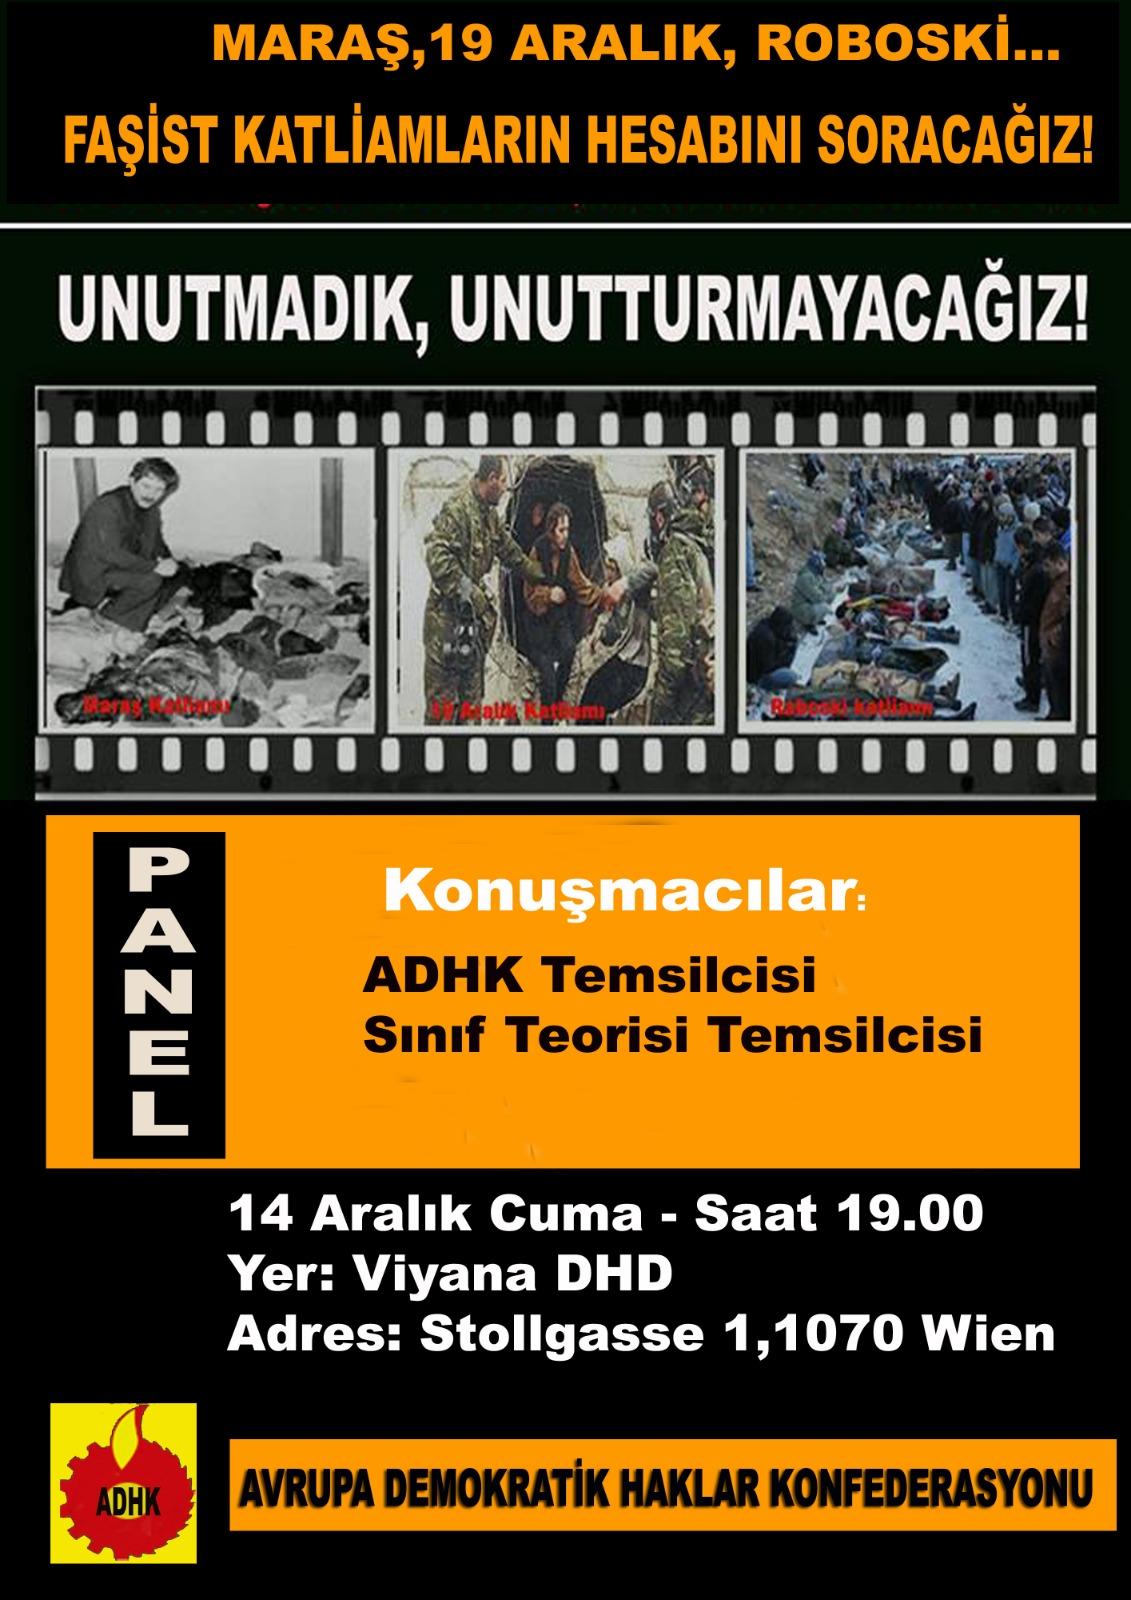 Panel; Roboski, Maraş, 19 Aralık faşist katliamların hesabını soracağız!